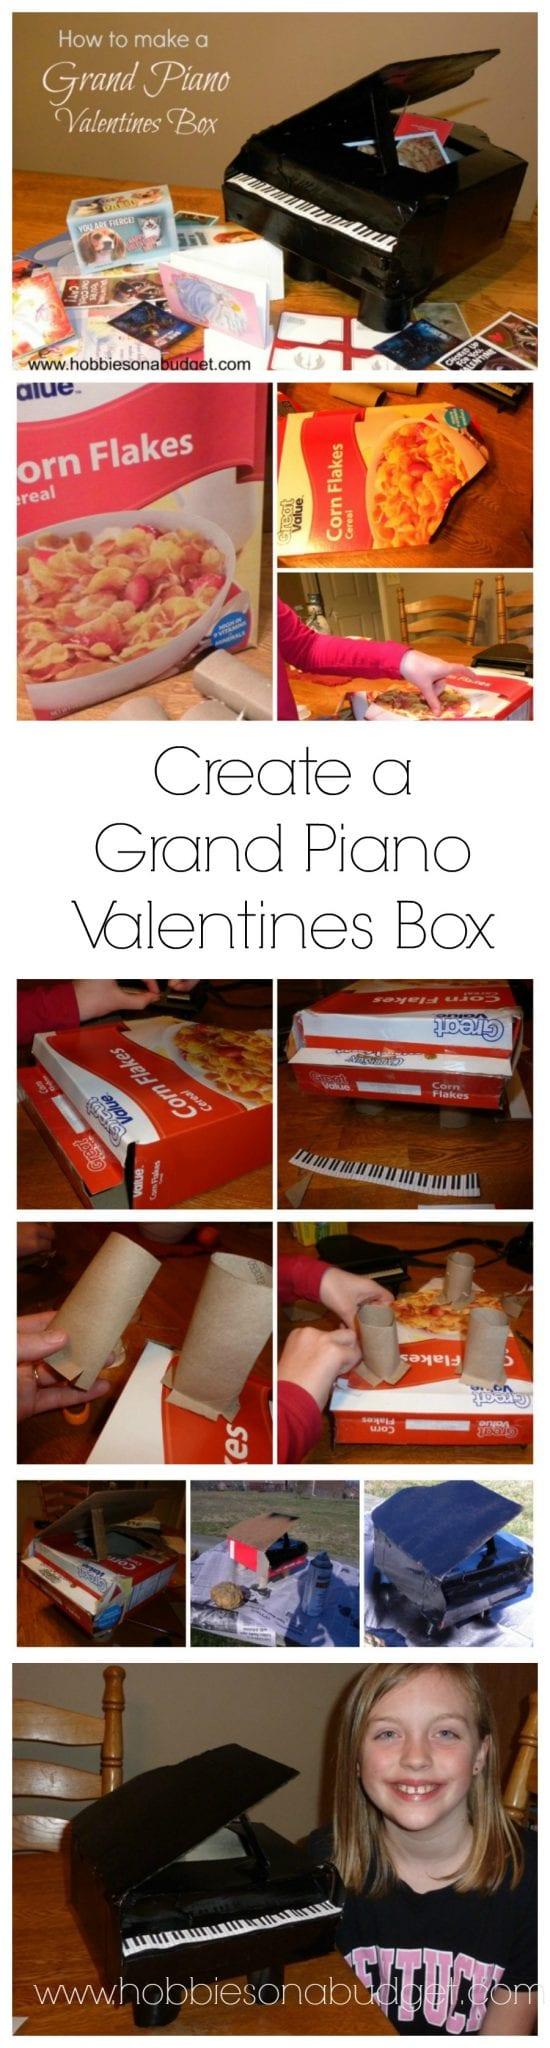 create-a-grand-piano-valentines-box